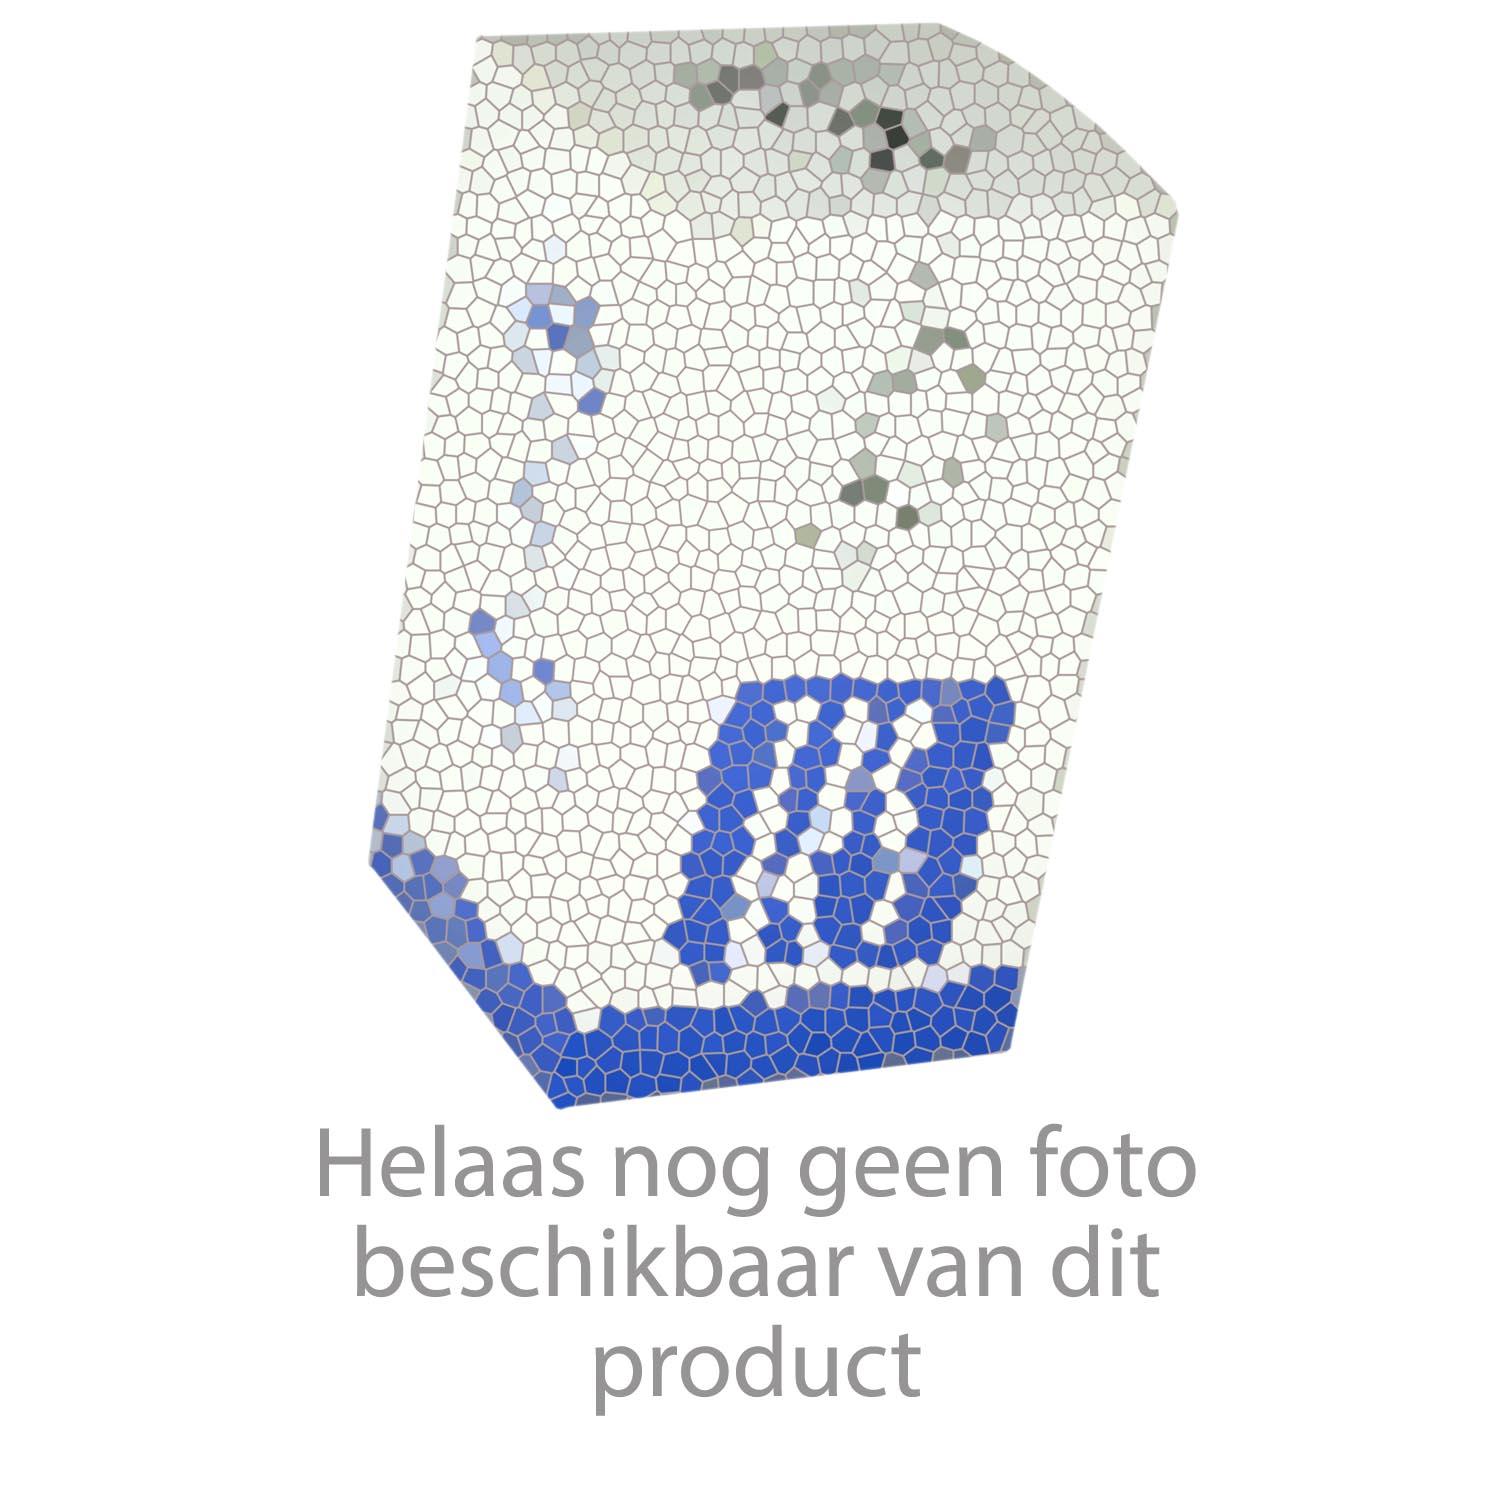 Vola Inbouwthermostaatkraan met 2-weg omstel, naar handdouche met houder en hoofddouche, wandmontage. Chroom